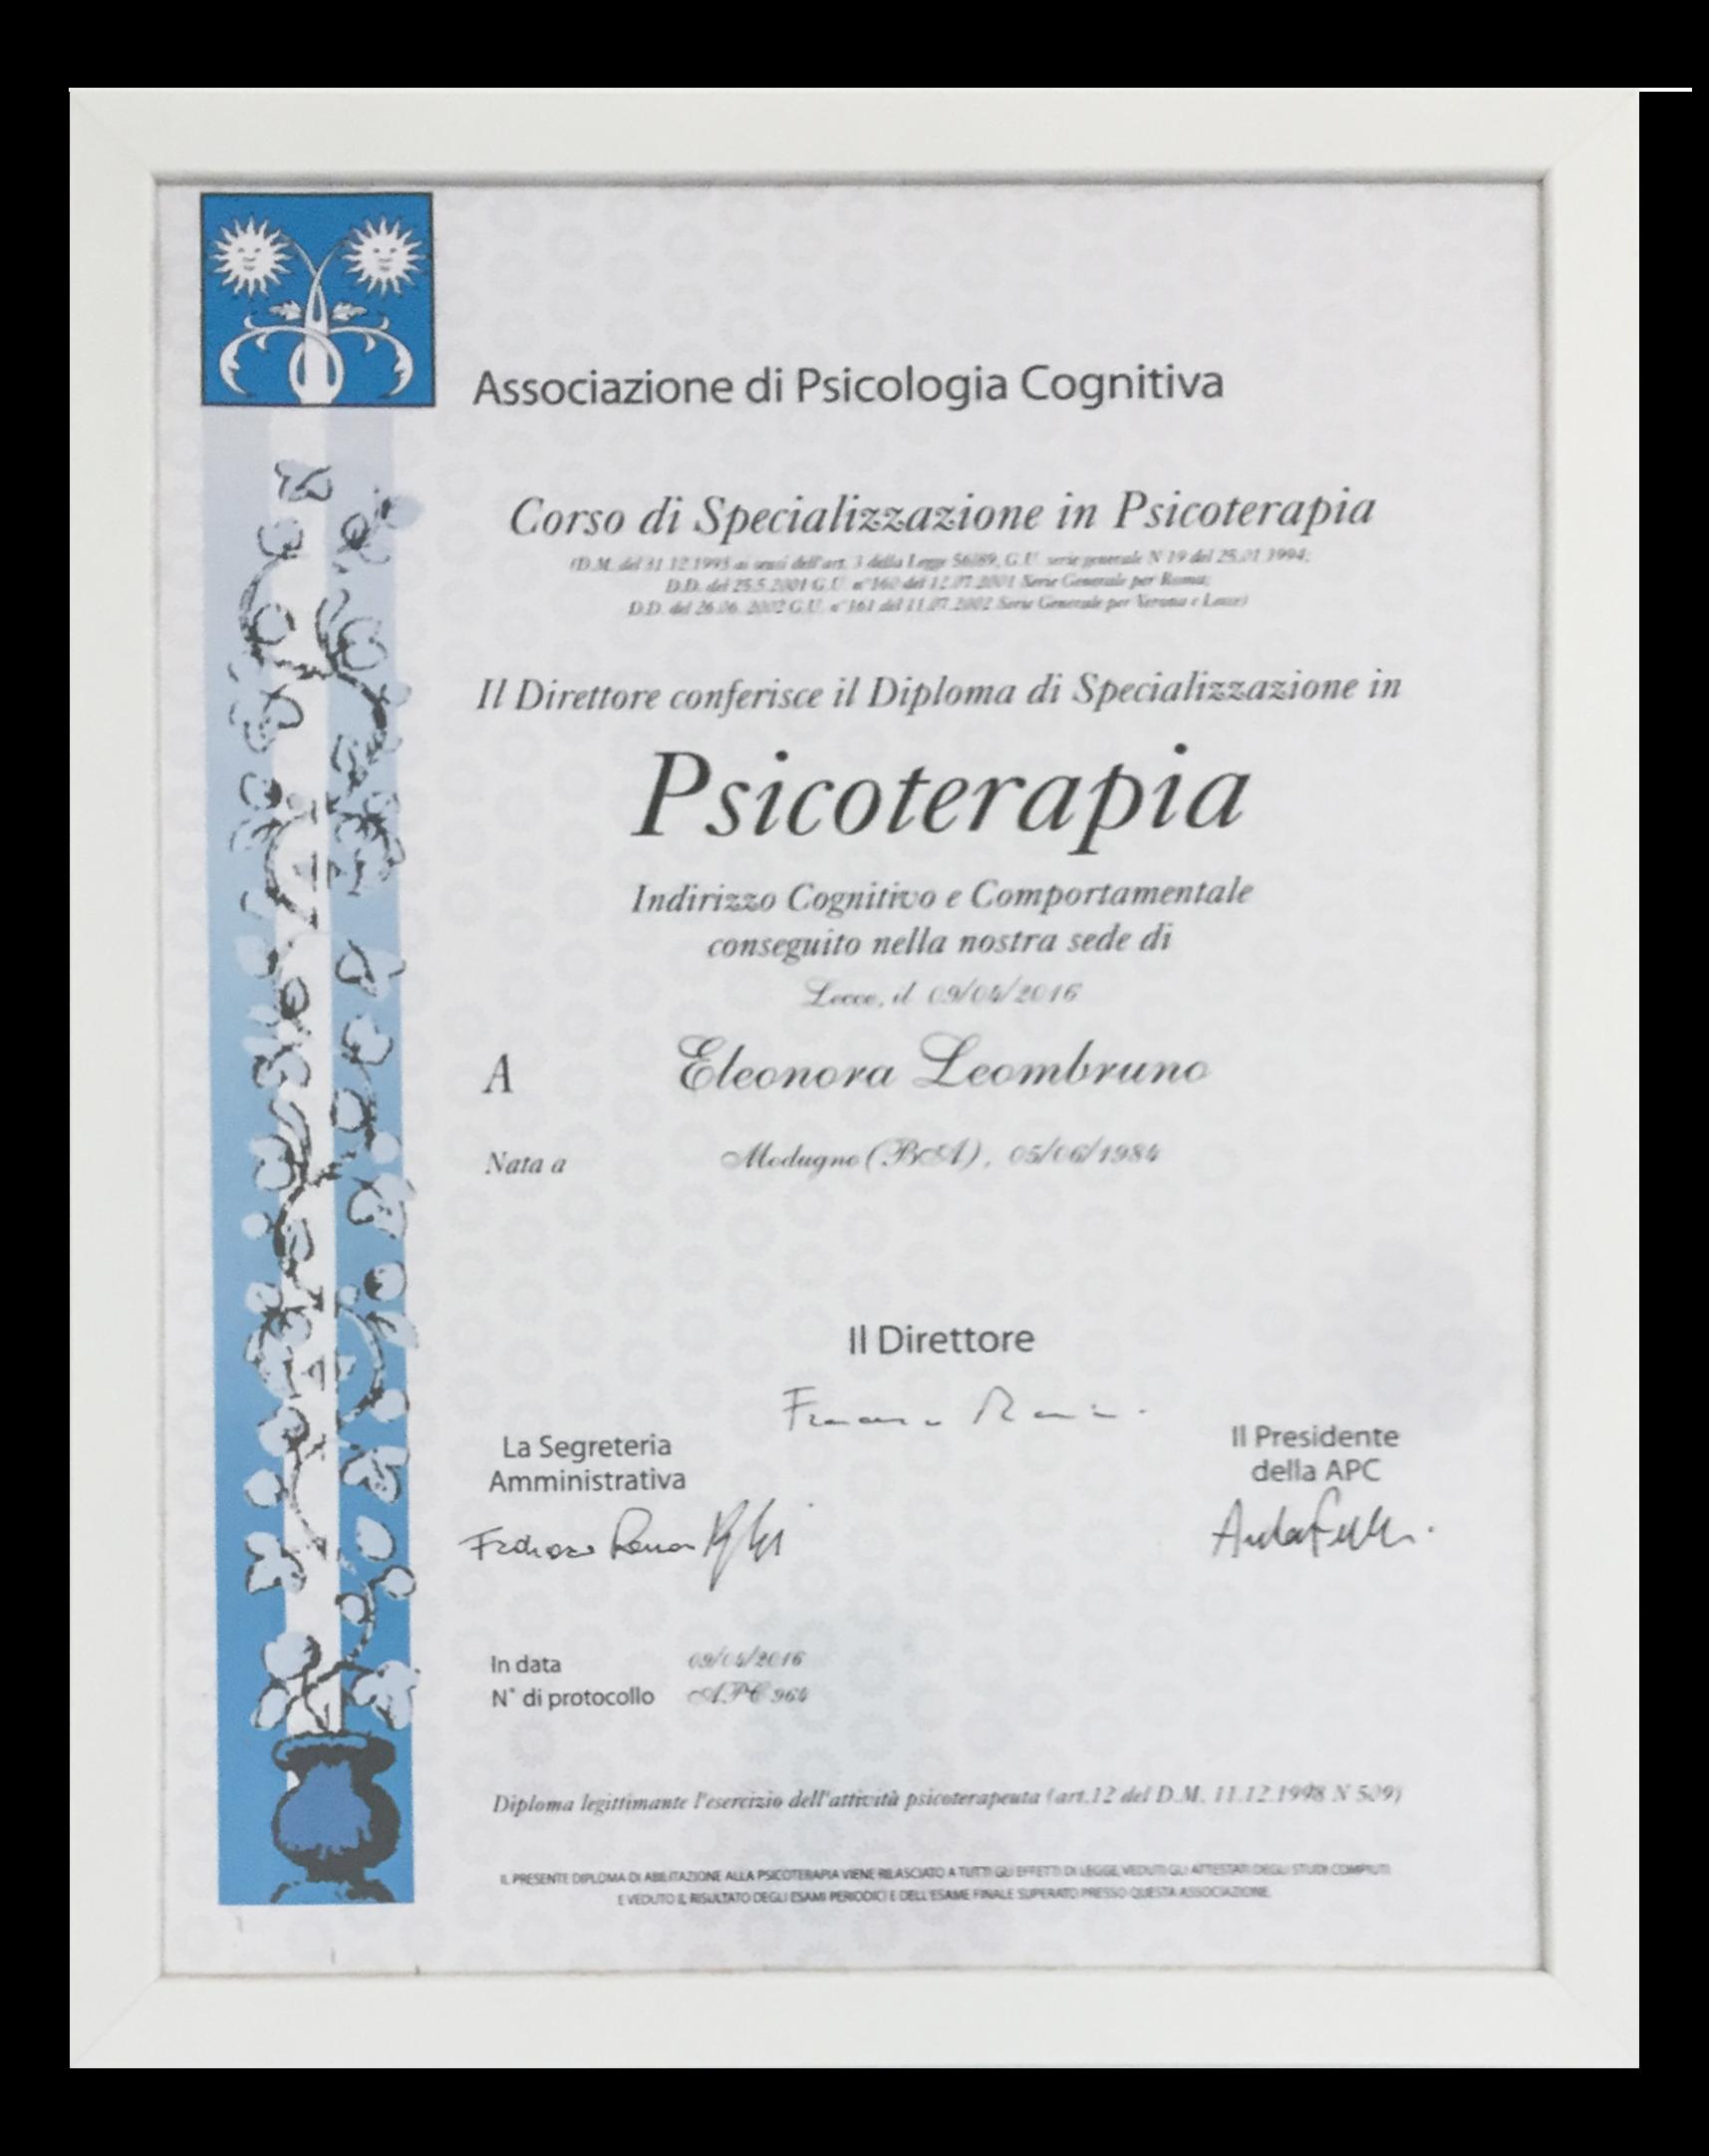 Associazione di Psicologia Cognitiva